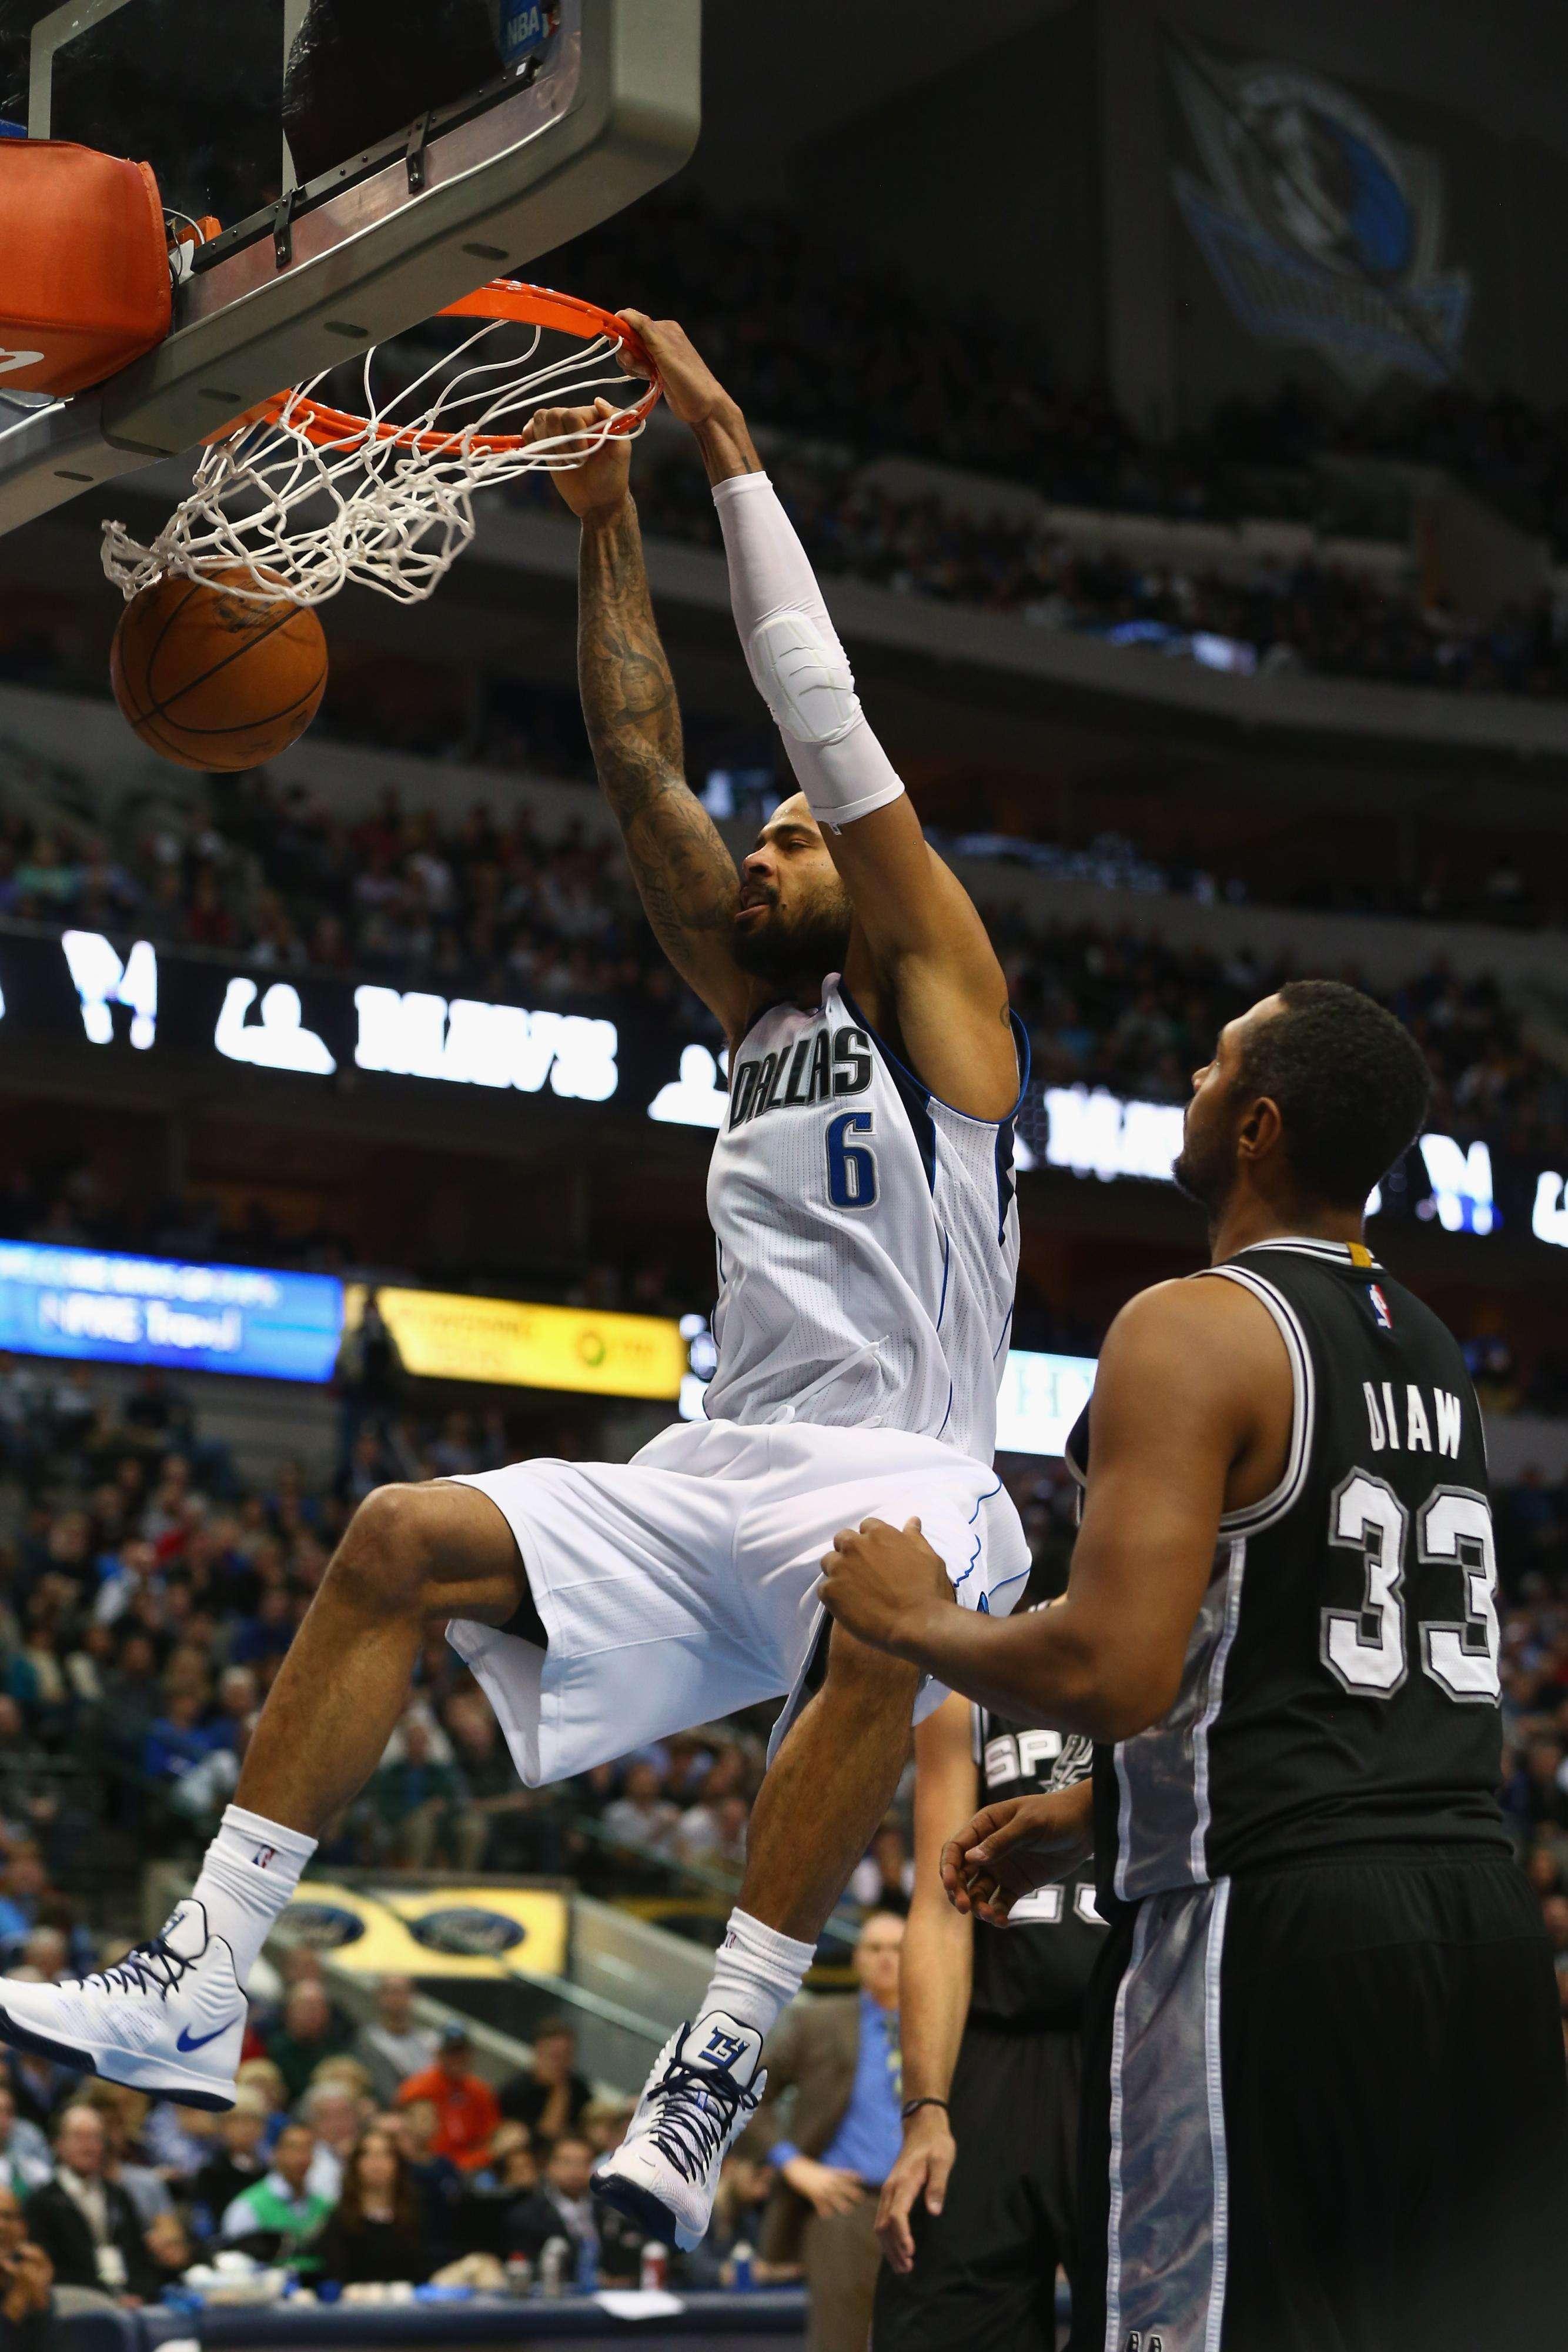 Tyson Chandler clavando el balón ante la nula defensa de Spurs Foto: Gettyimages